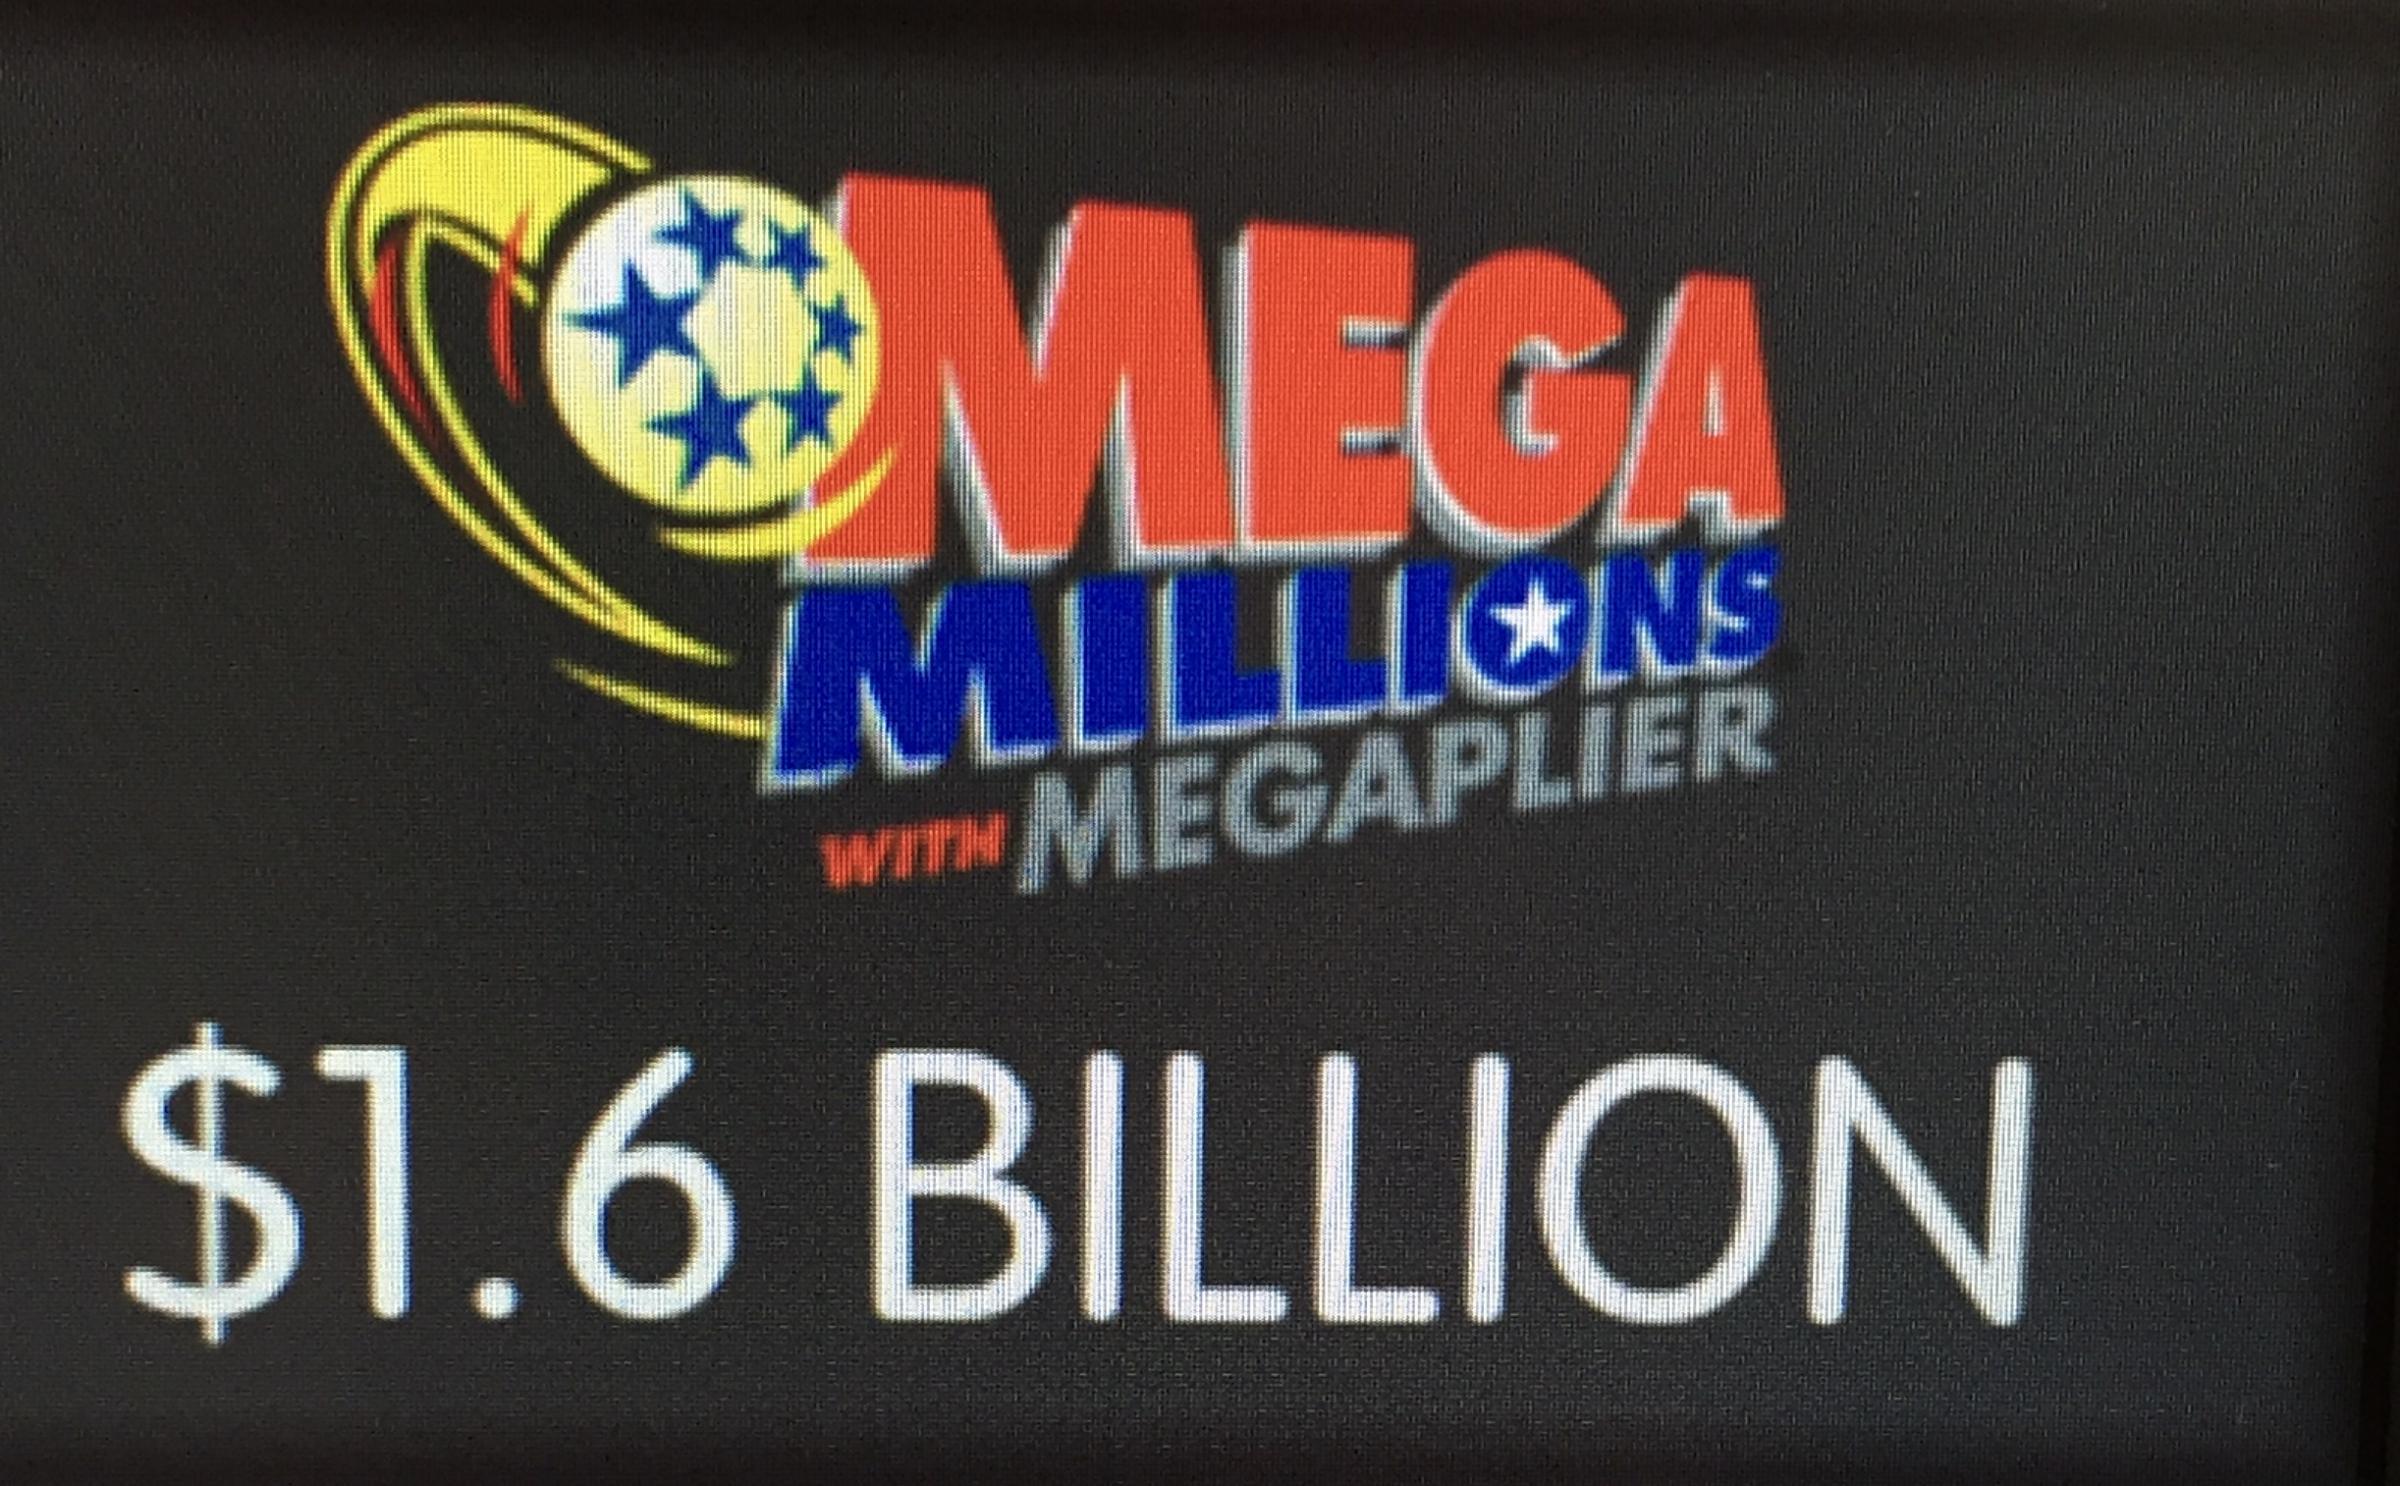 Winning $1.6B Mega Millions ticket sold in South Carolina